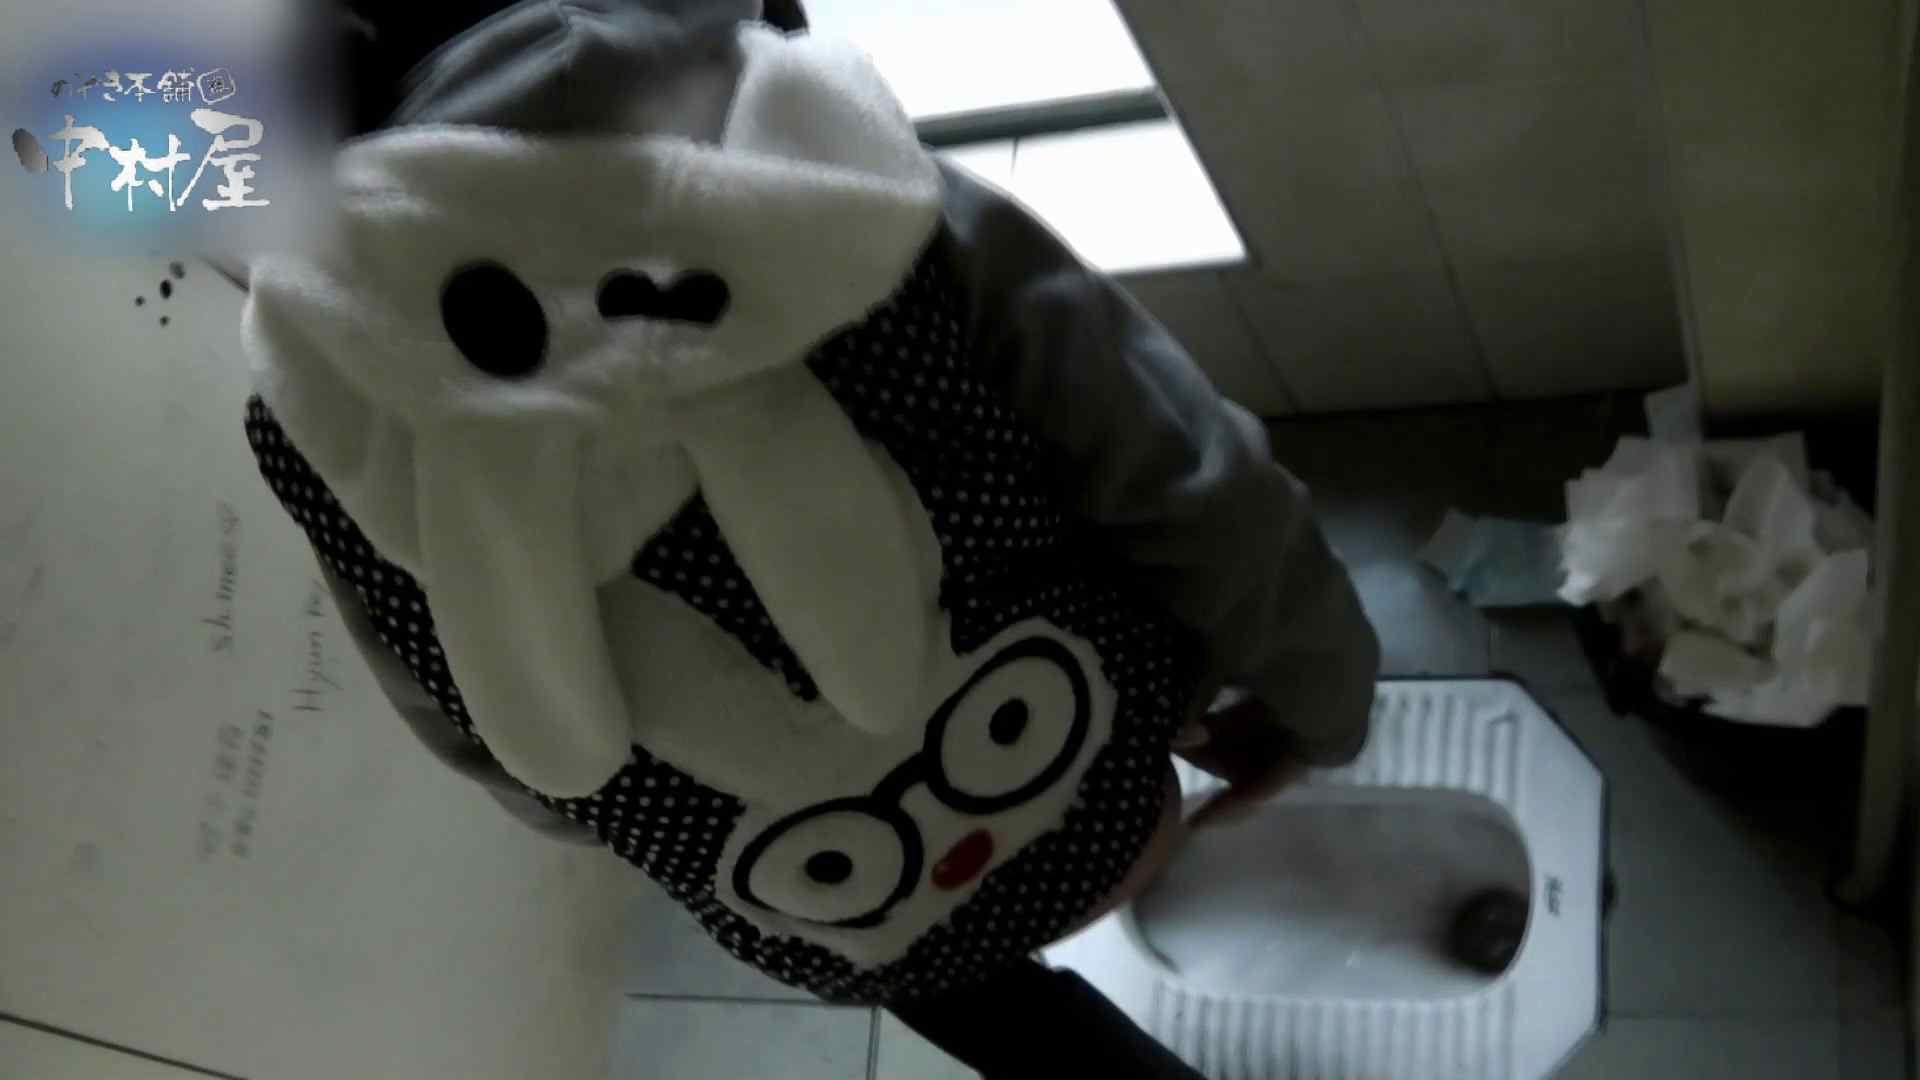 乙女集まる!ショッピングモール潜入撮vol.06 丸見え AV動画キャプチャ 108連発 22